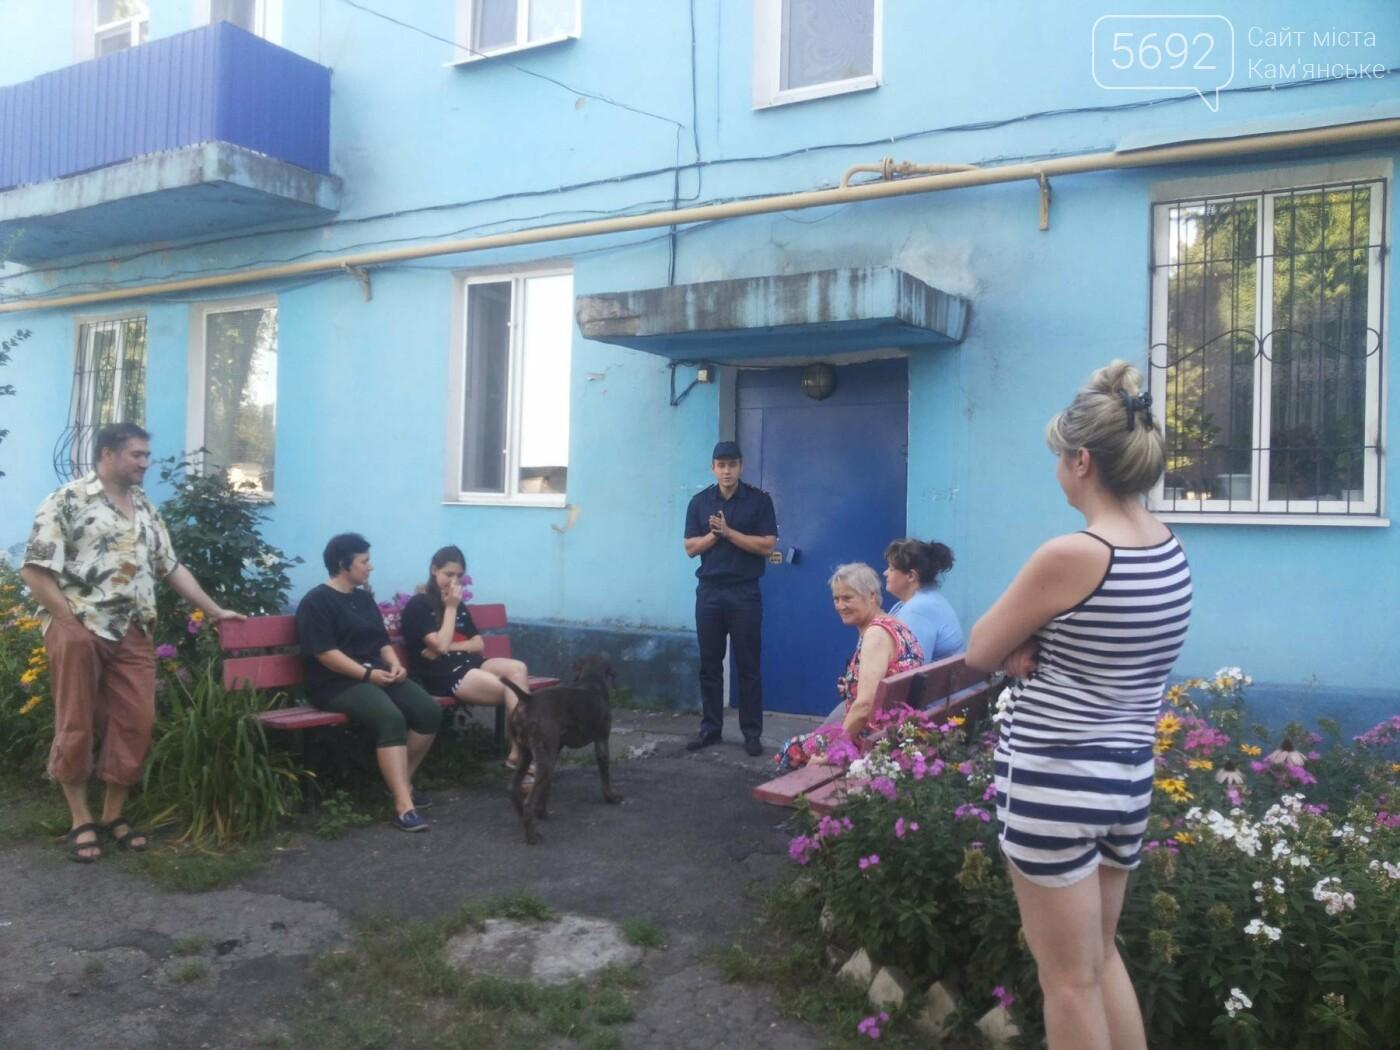 Спасатели Каменского провели лекцию для жителей ОСББ, фото-2